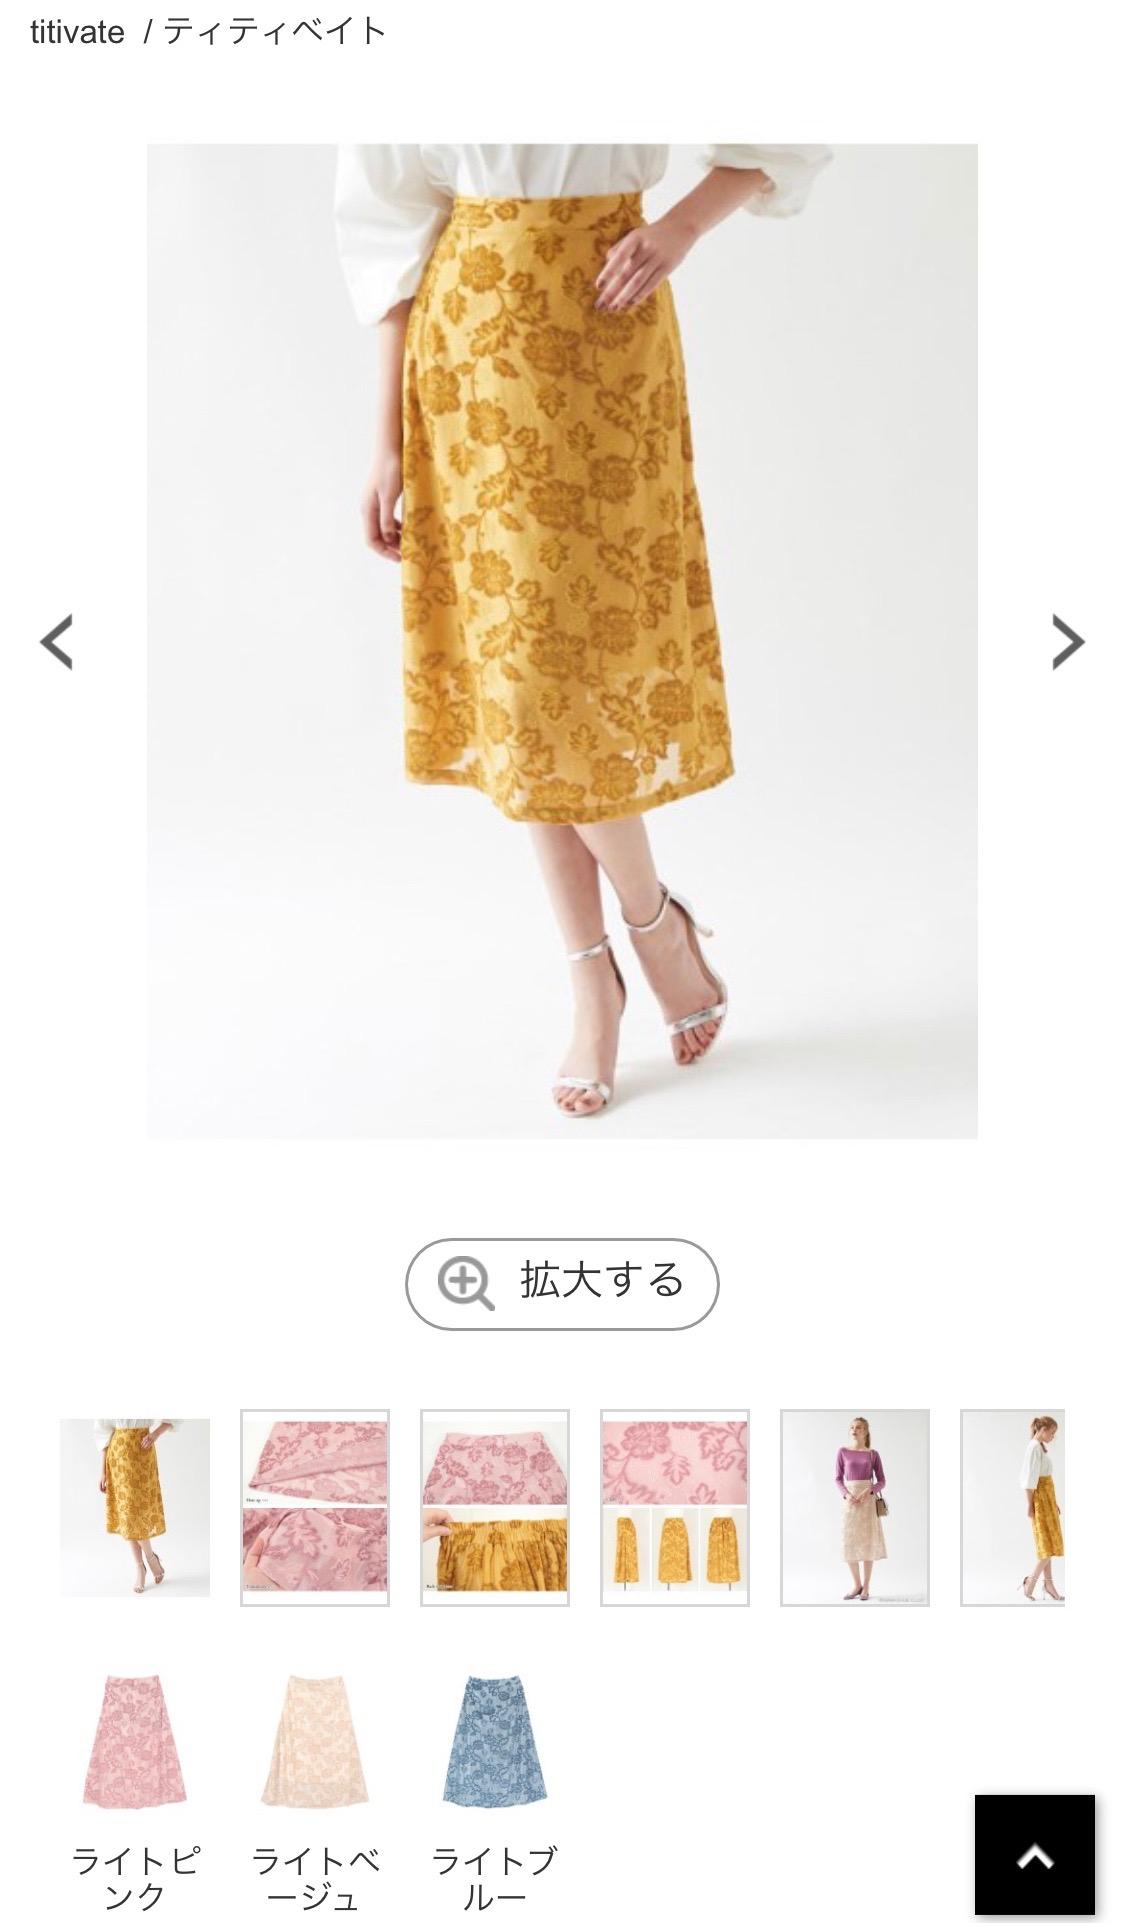 【Sサイズ】titivate3Dフラワーチュールスカート【チビ服】